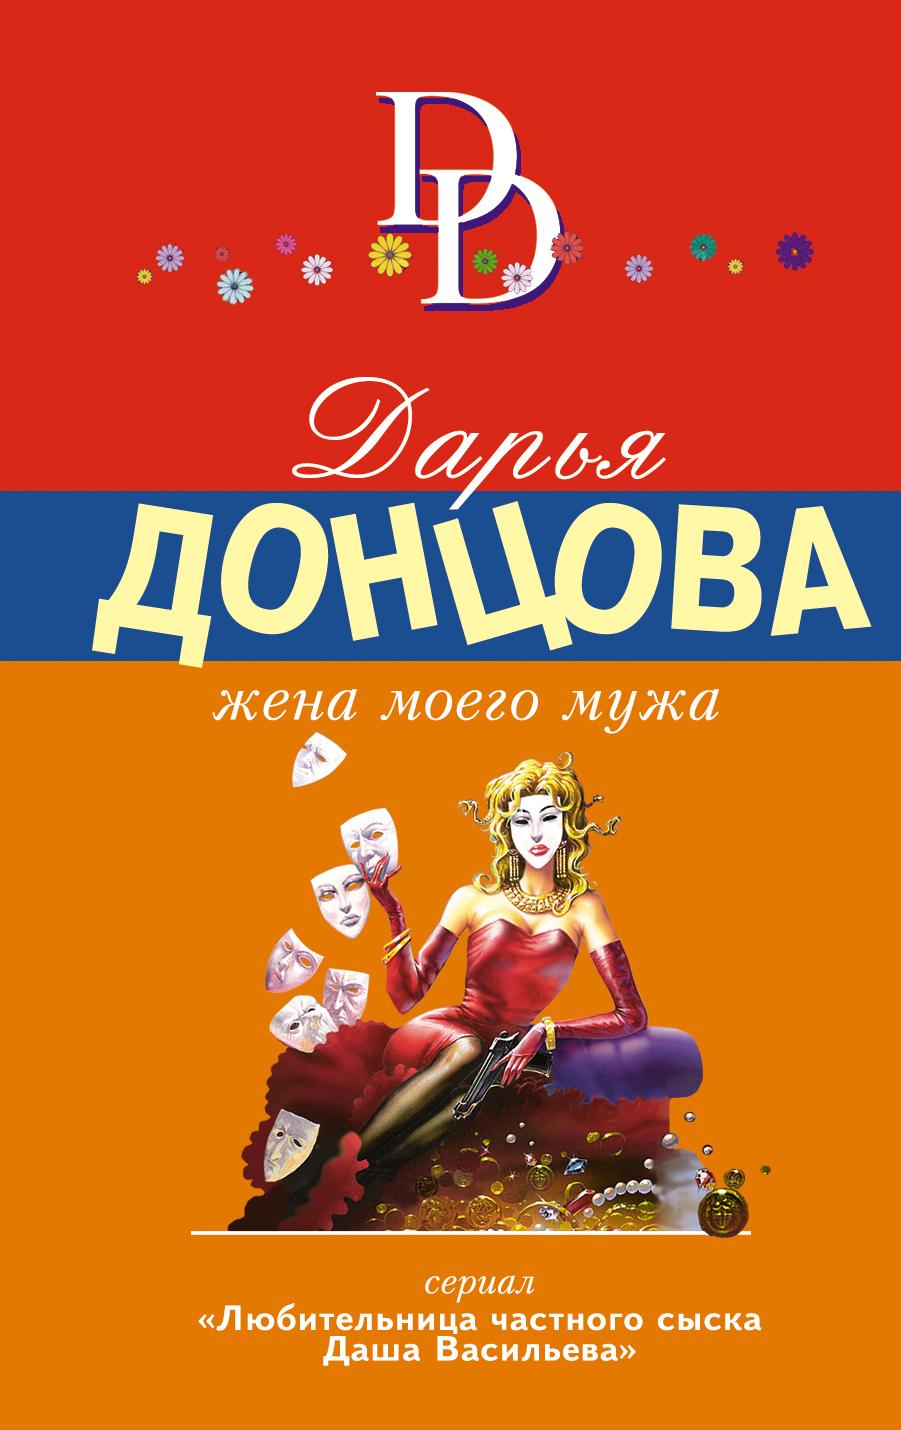 Дарья Донцова Жена моего мужа дарья донцова три мешка хитростей